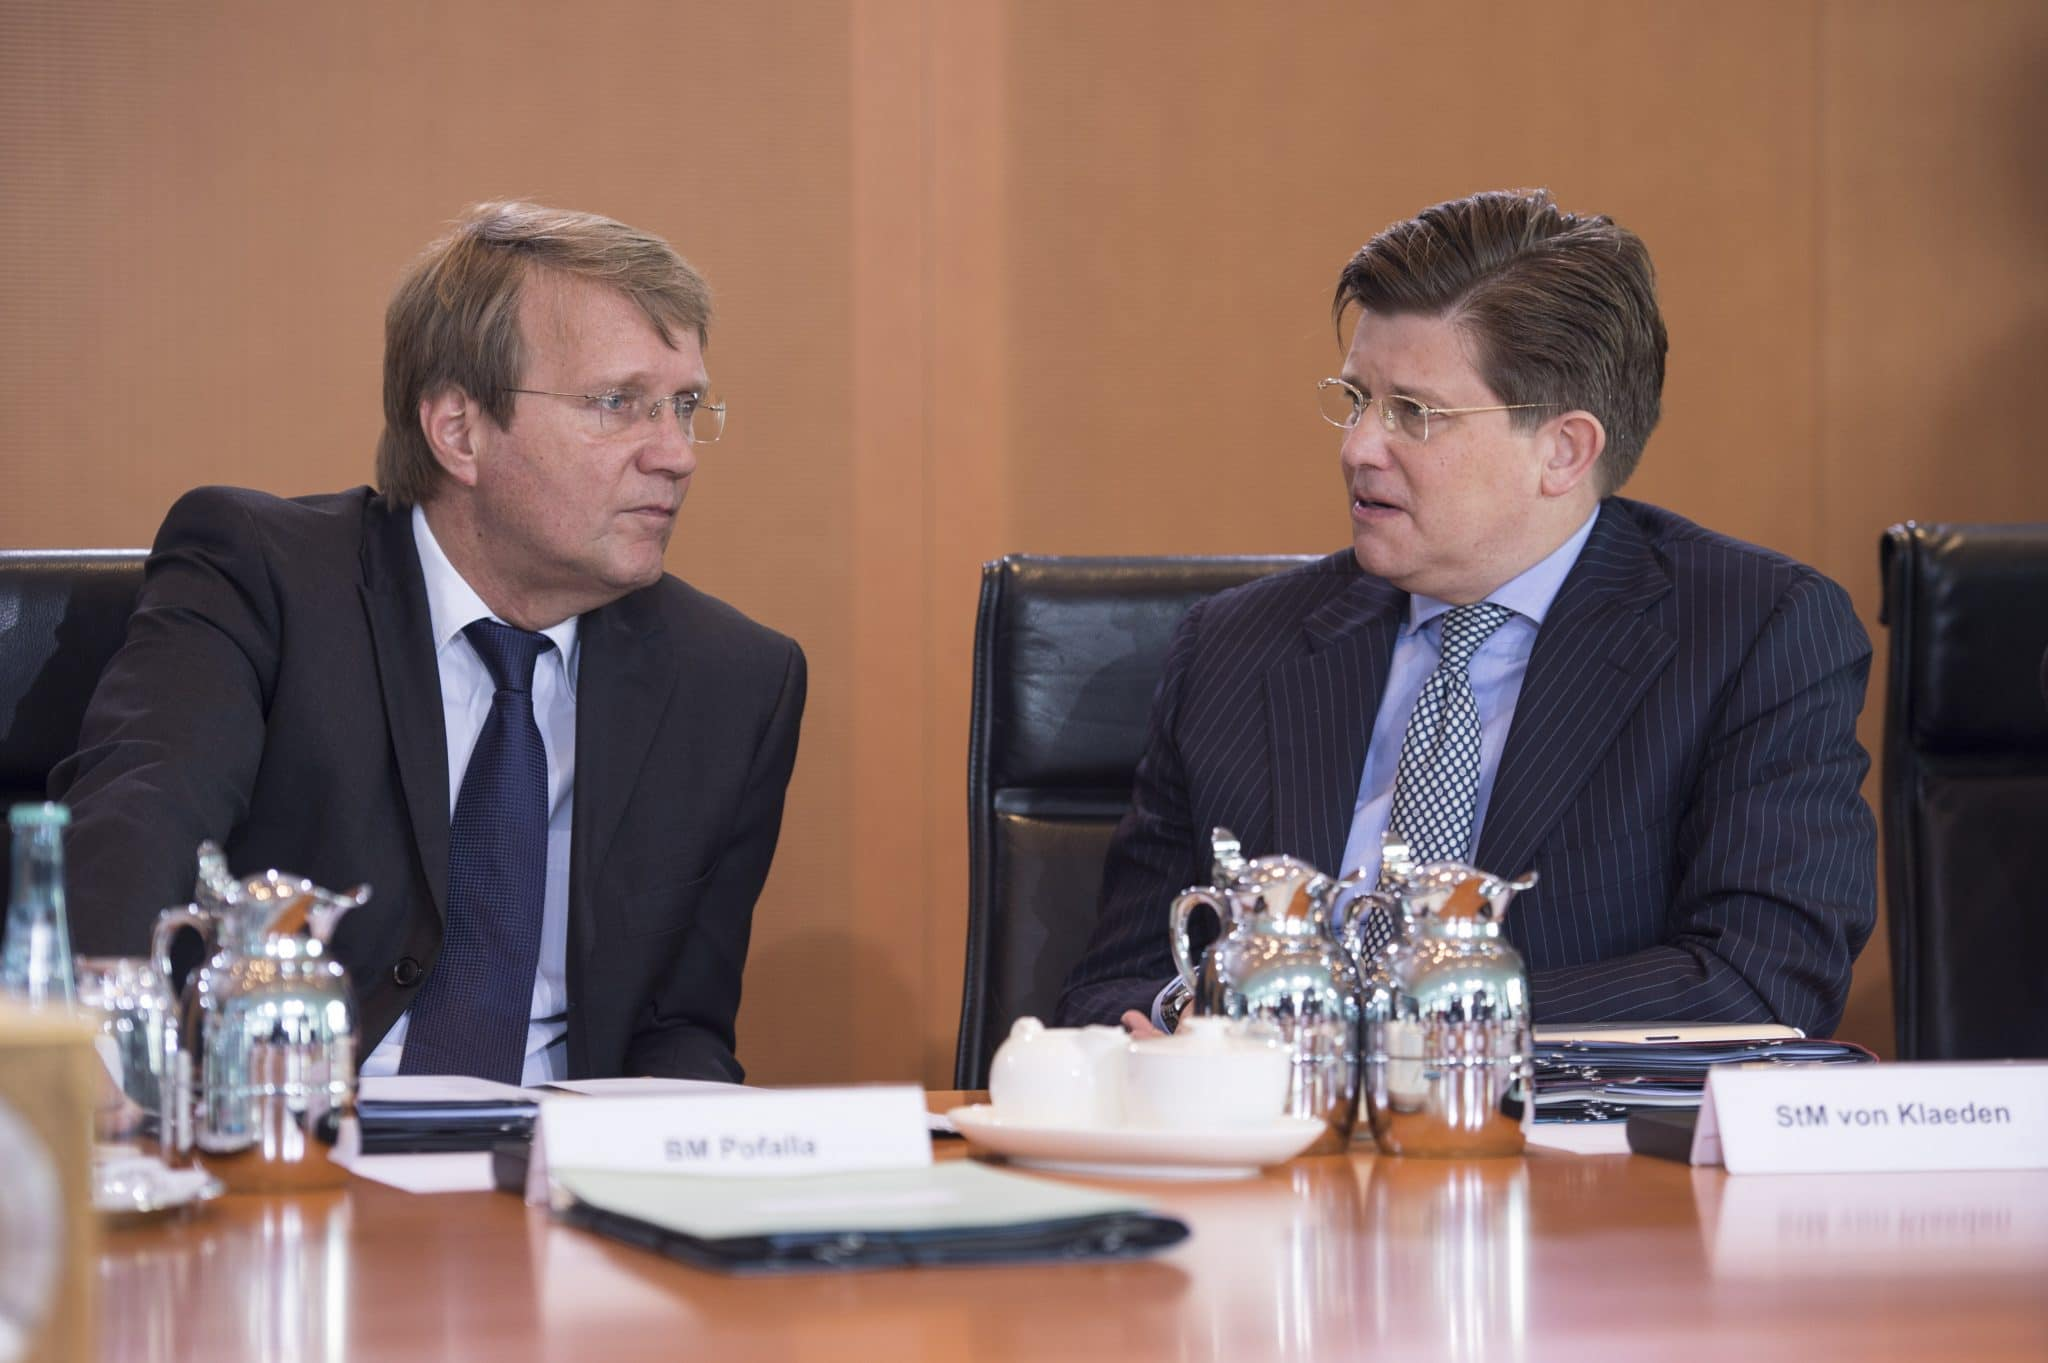 Ronald Pofalla und Eckart von Klaeden am Kabinettstisch Ronald Pofalla und Eckart von Klaeden am Kabinettstisch. Foto: Marco Urban